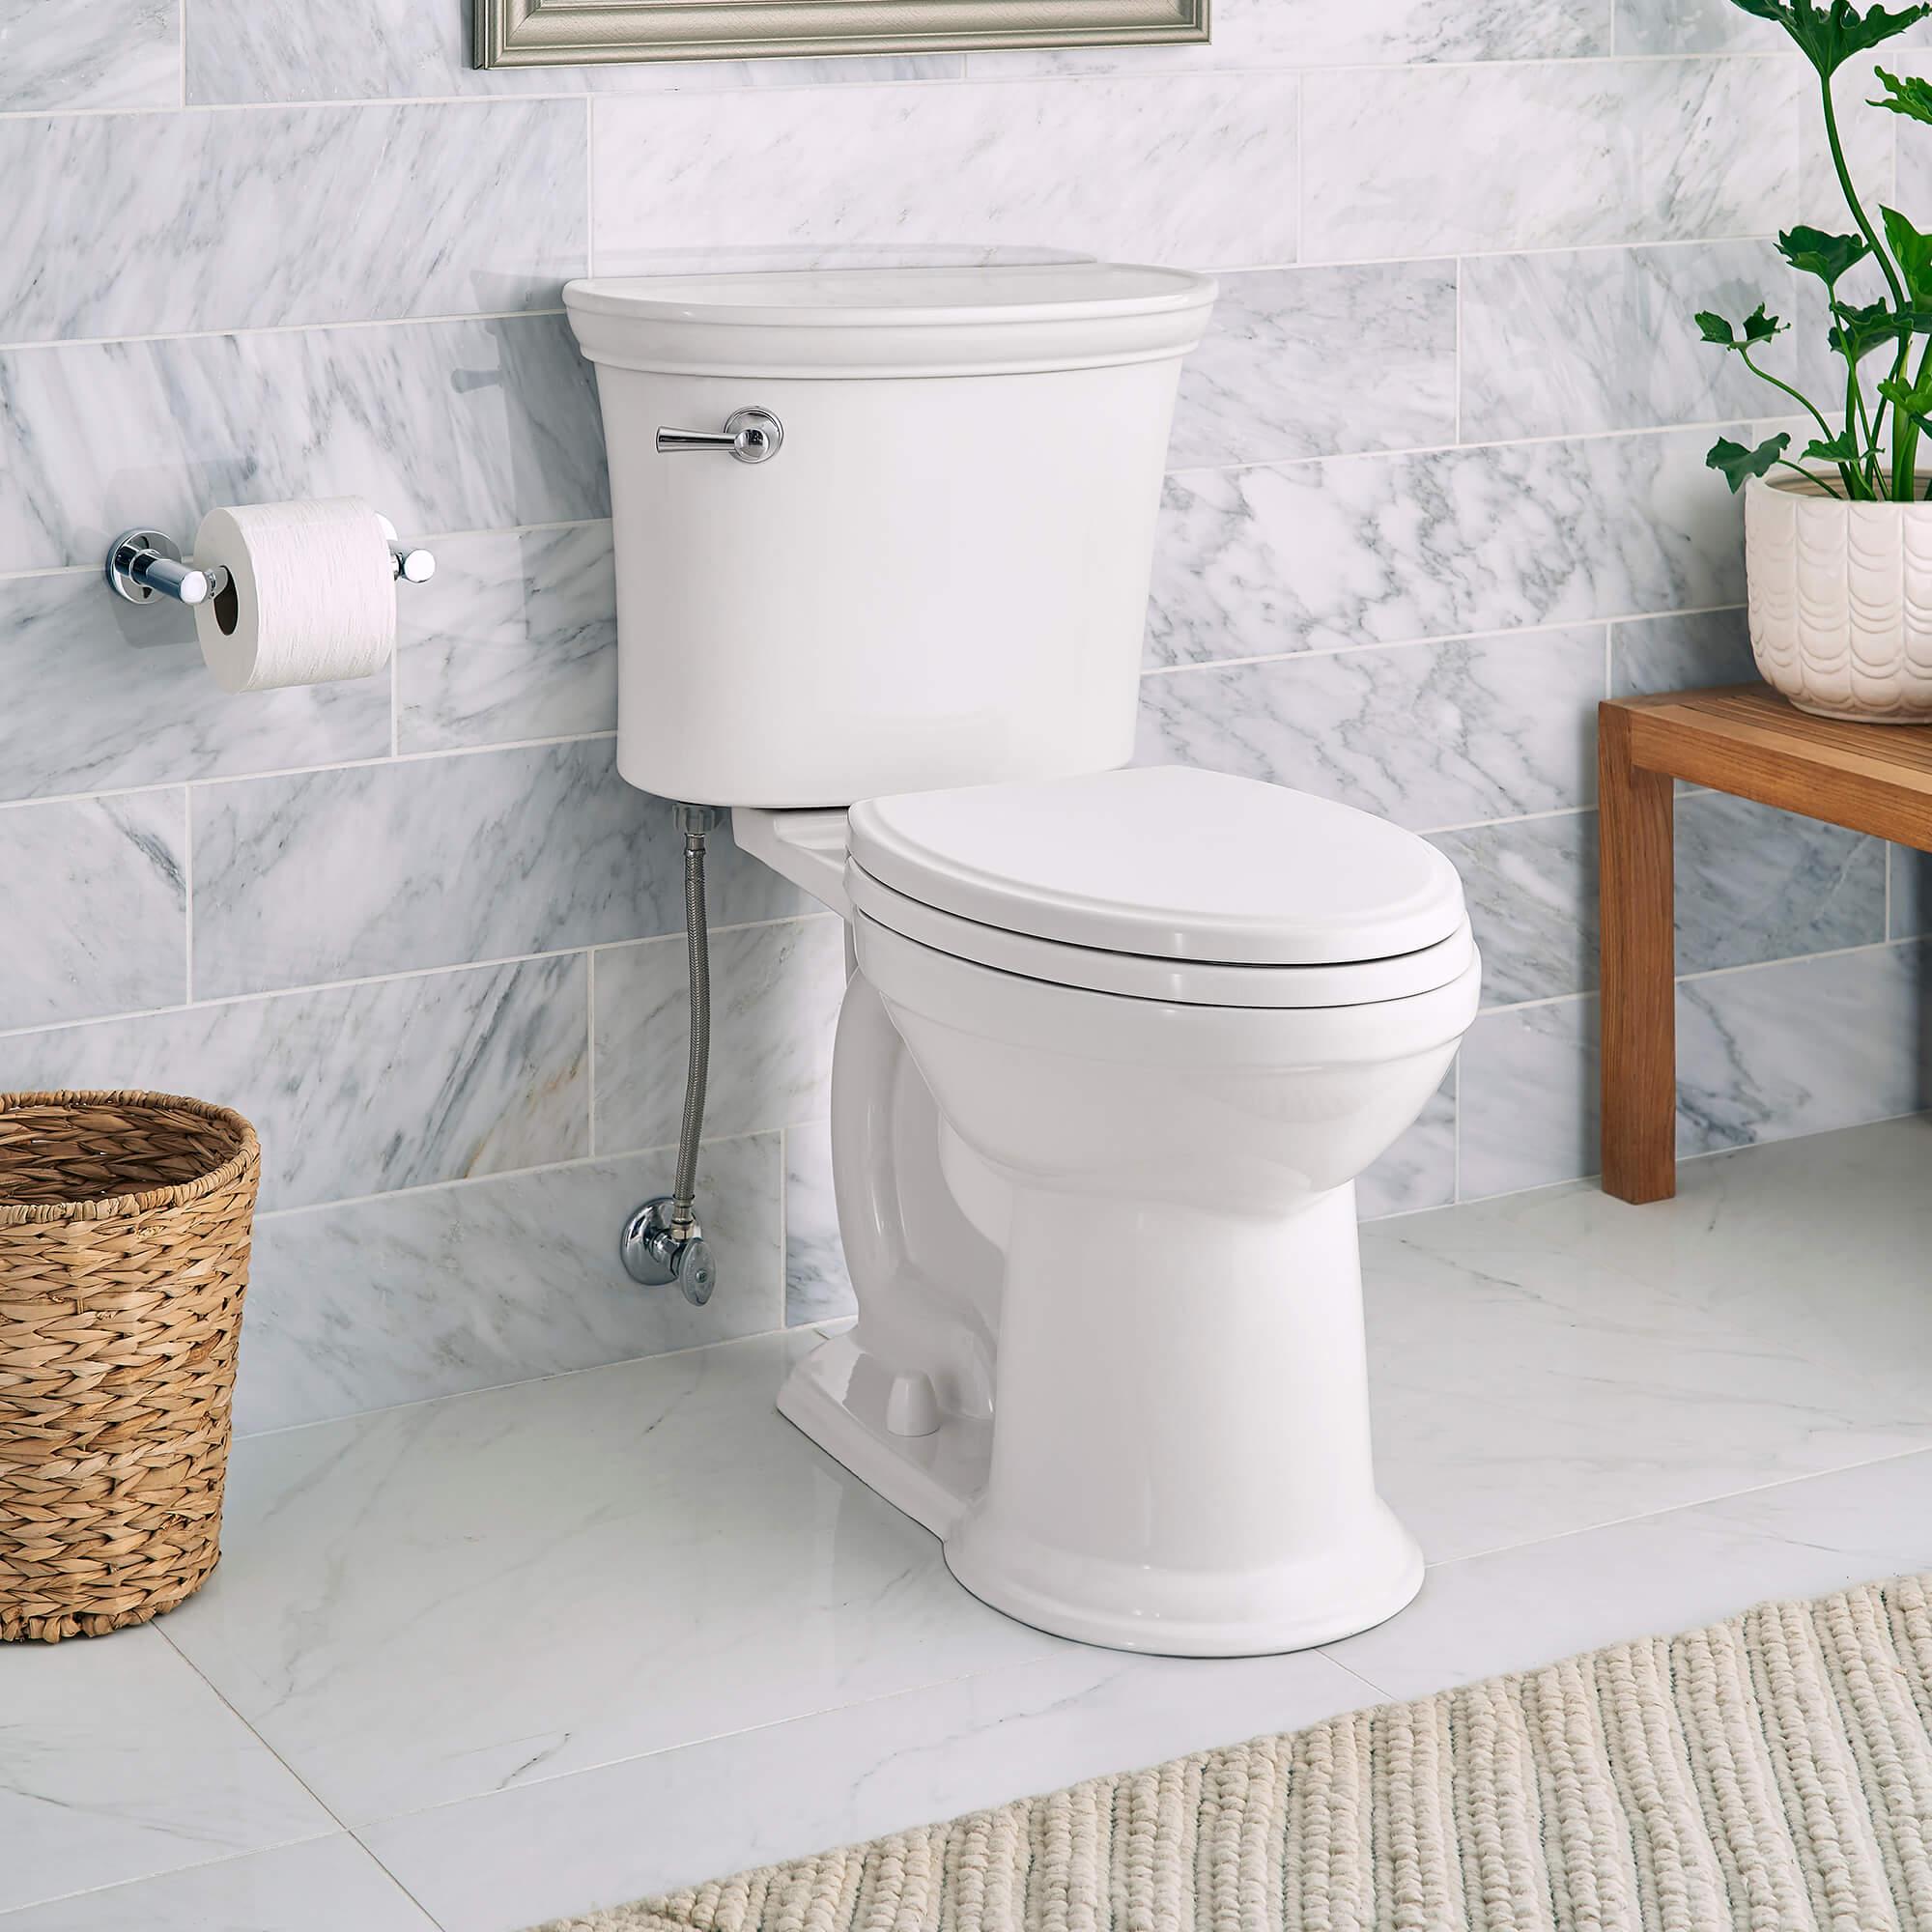 Esteem VorMax Toilet